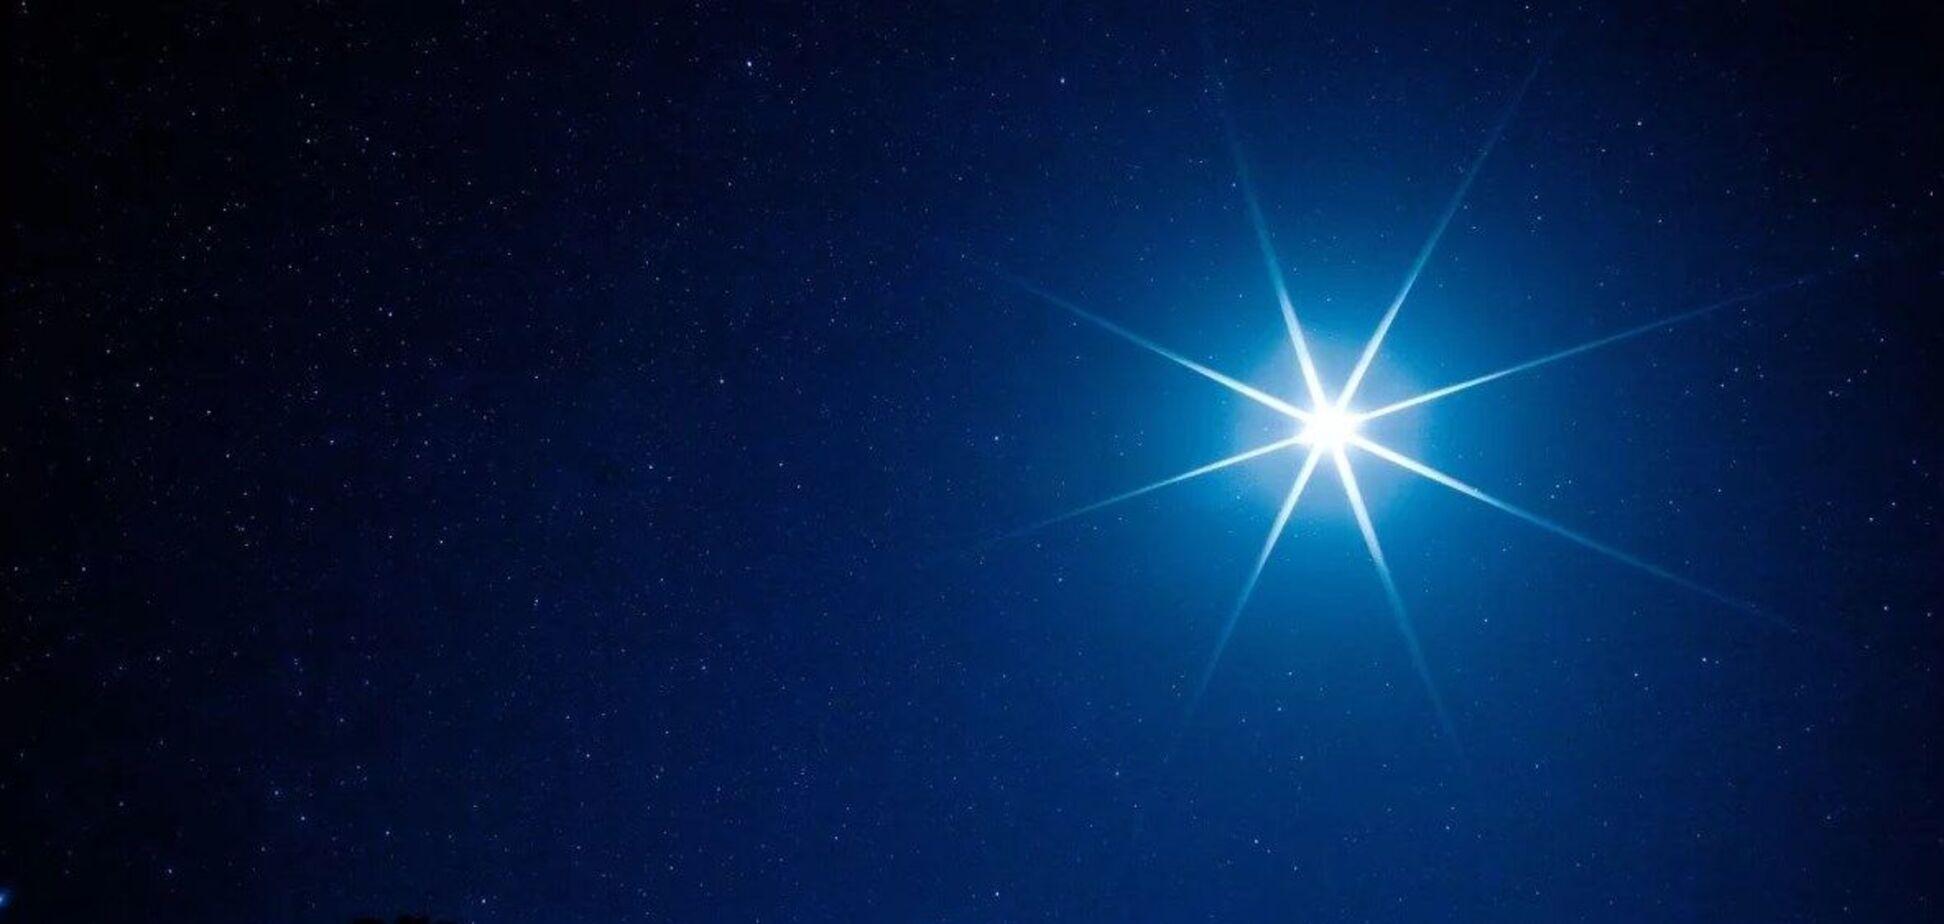 Земляне впервые за 800 лет смогут увидеть 'Вифлеемскую звезду'